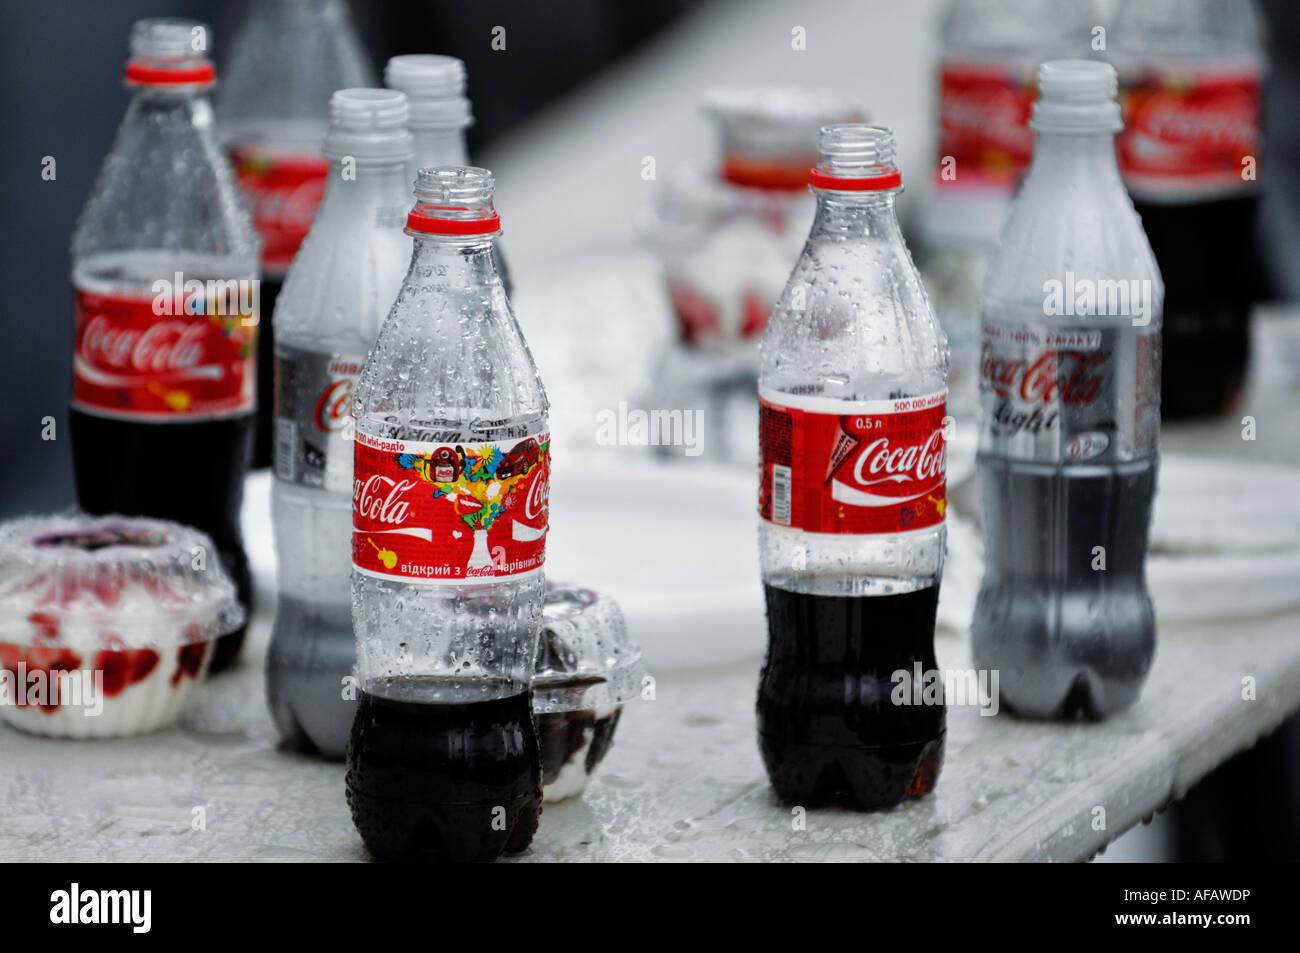 Amerikanischer Kühlschrank Coca Cola : Offenen coca cola flaschen stockfoto bild  alamy